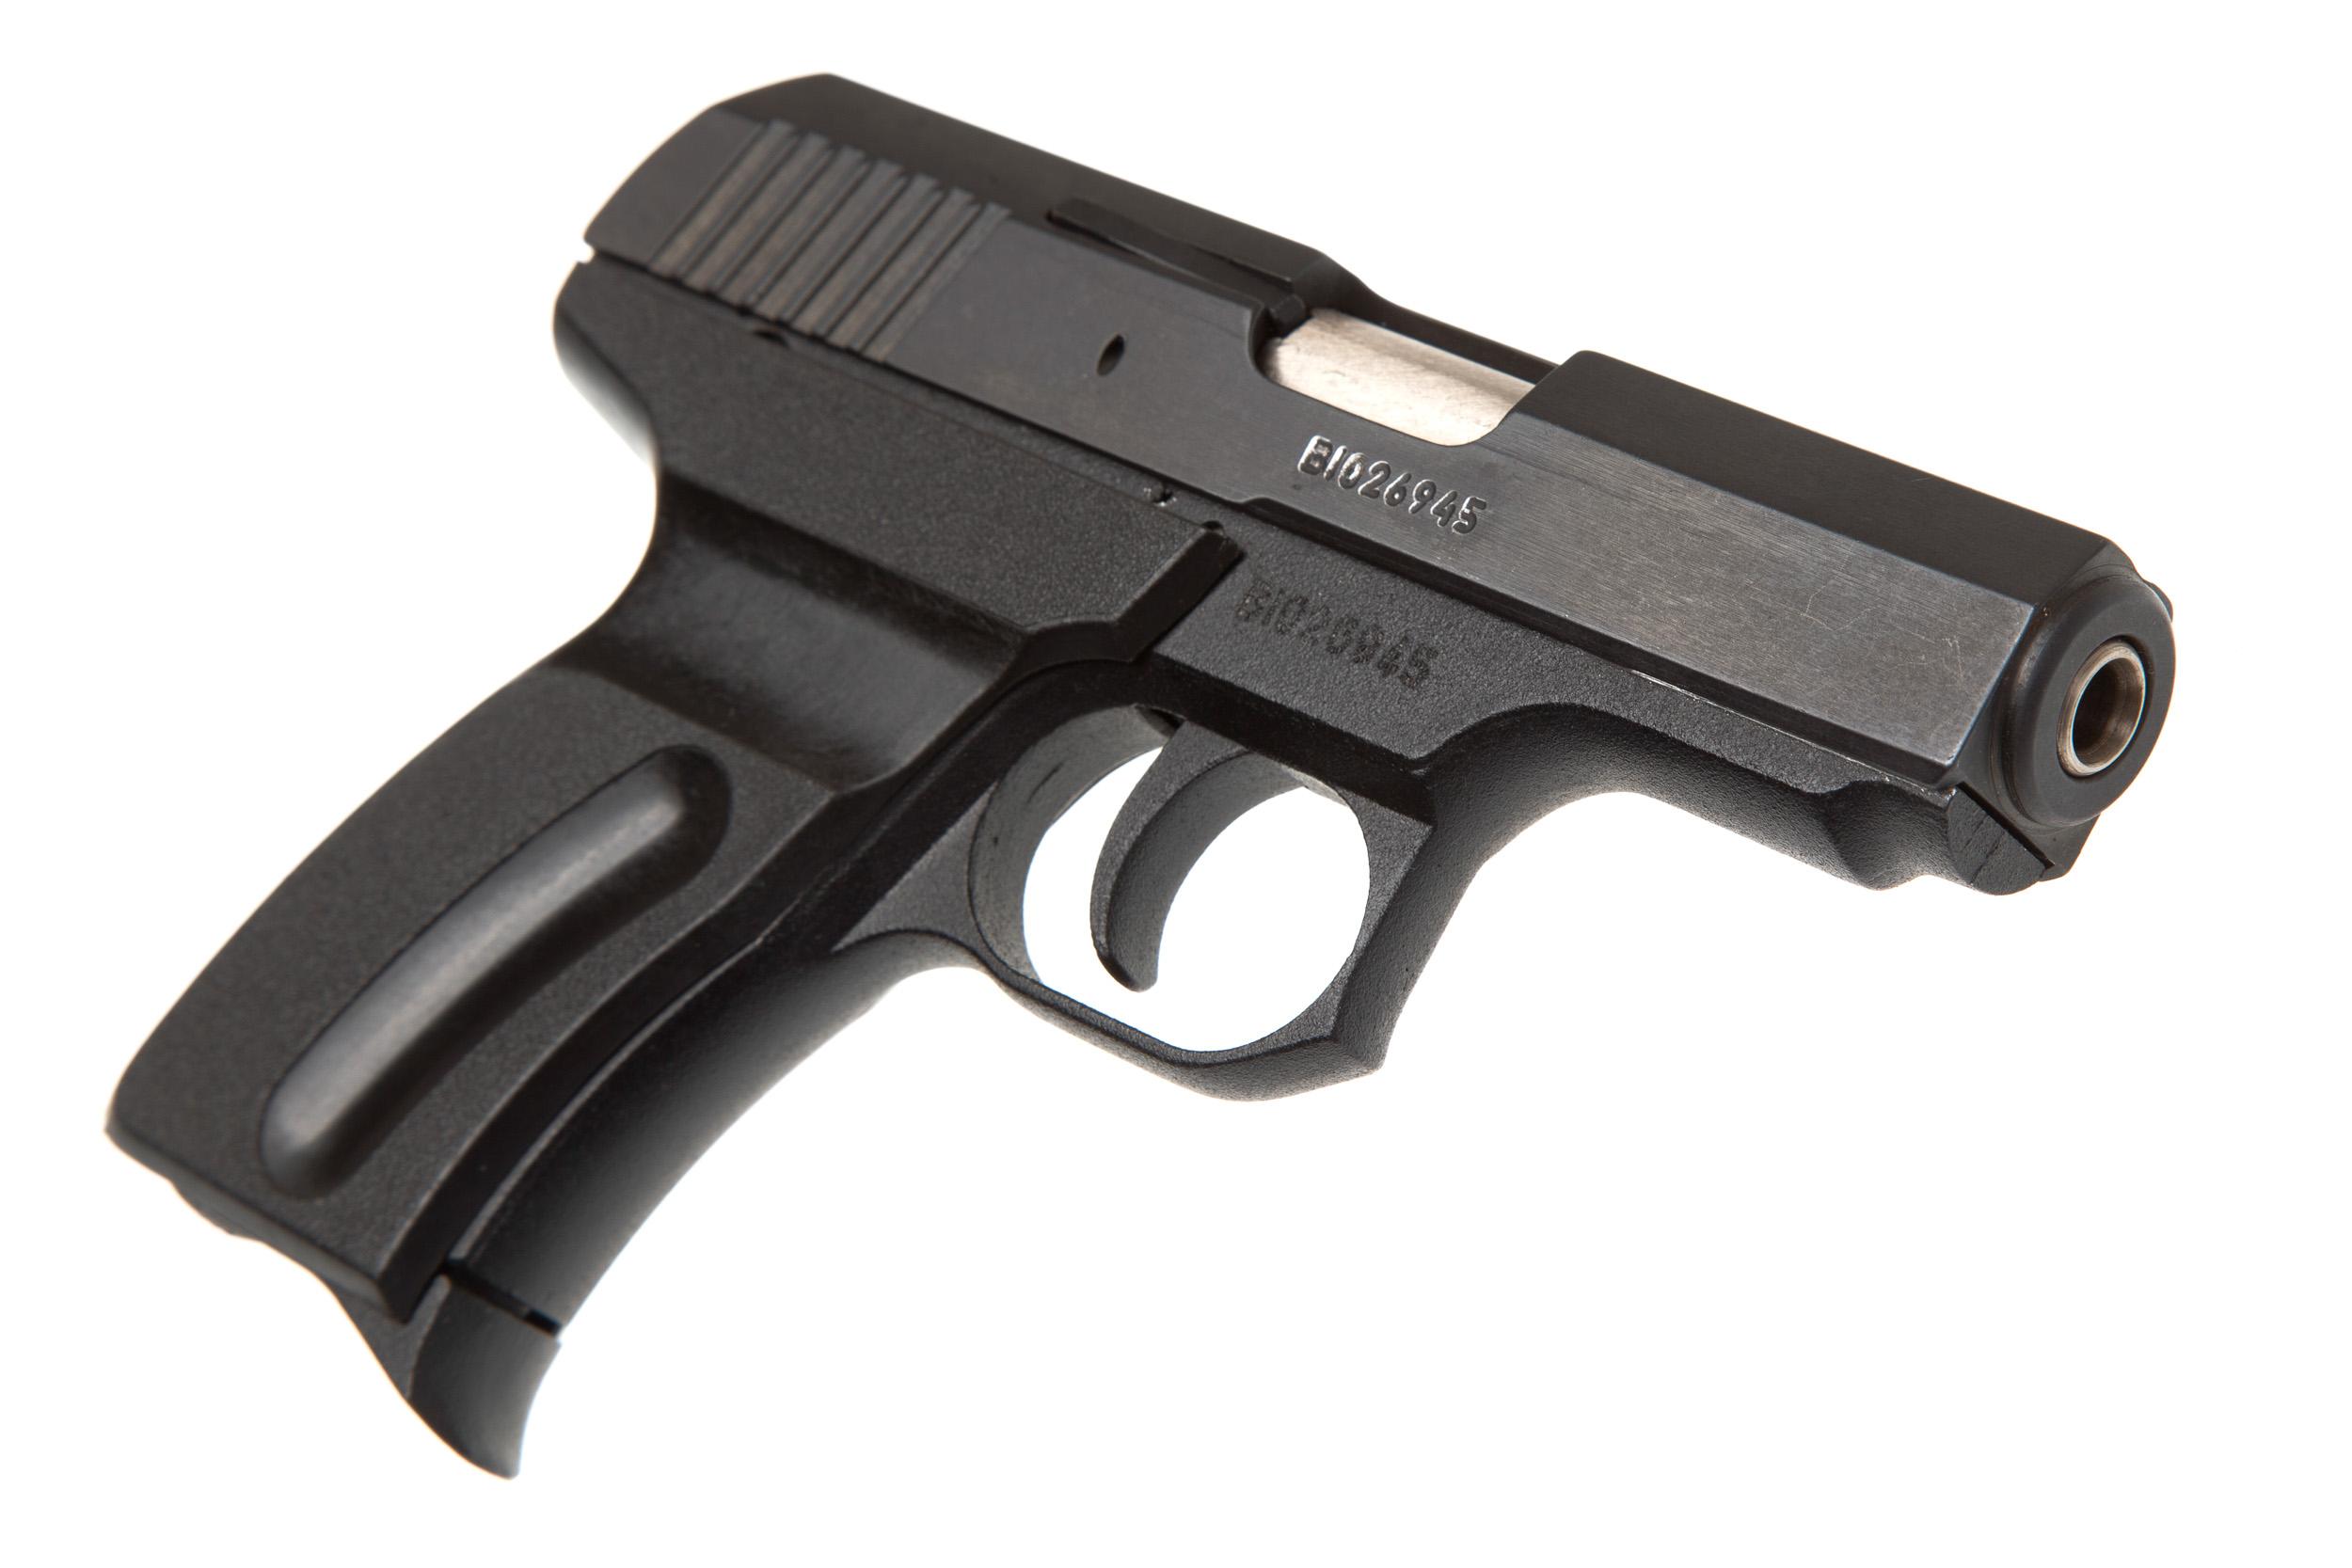 купить травматический пистолет Форт 6Р